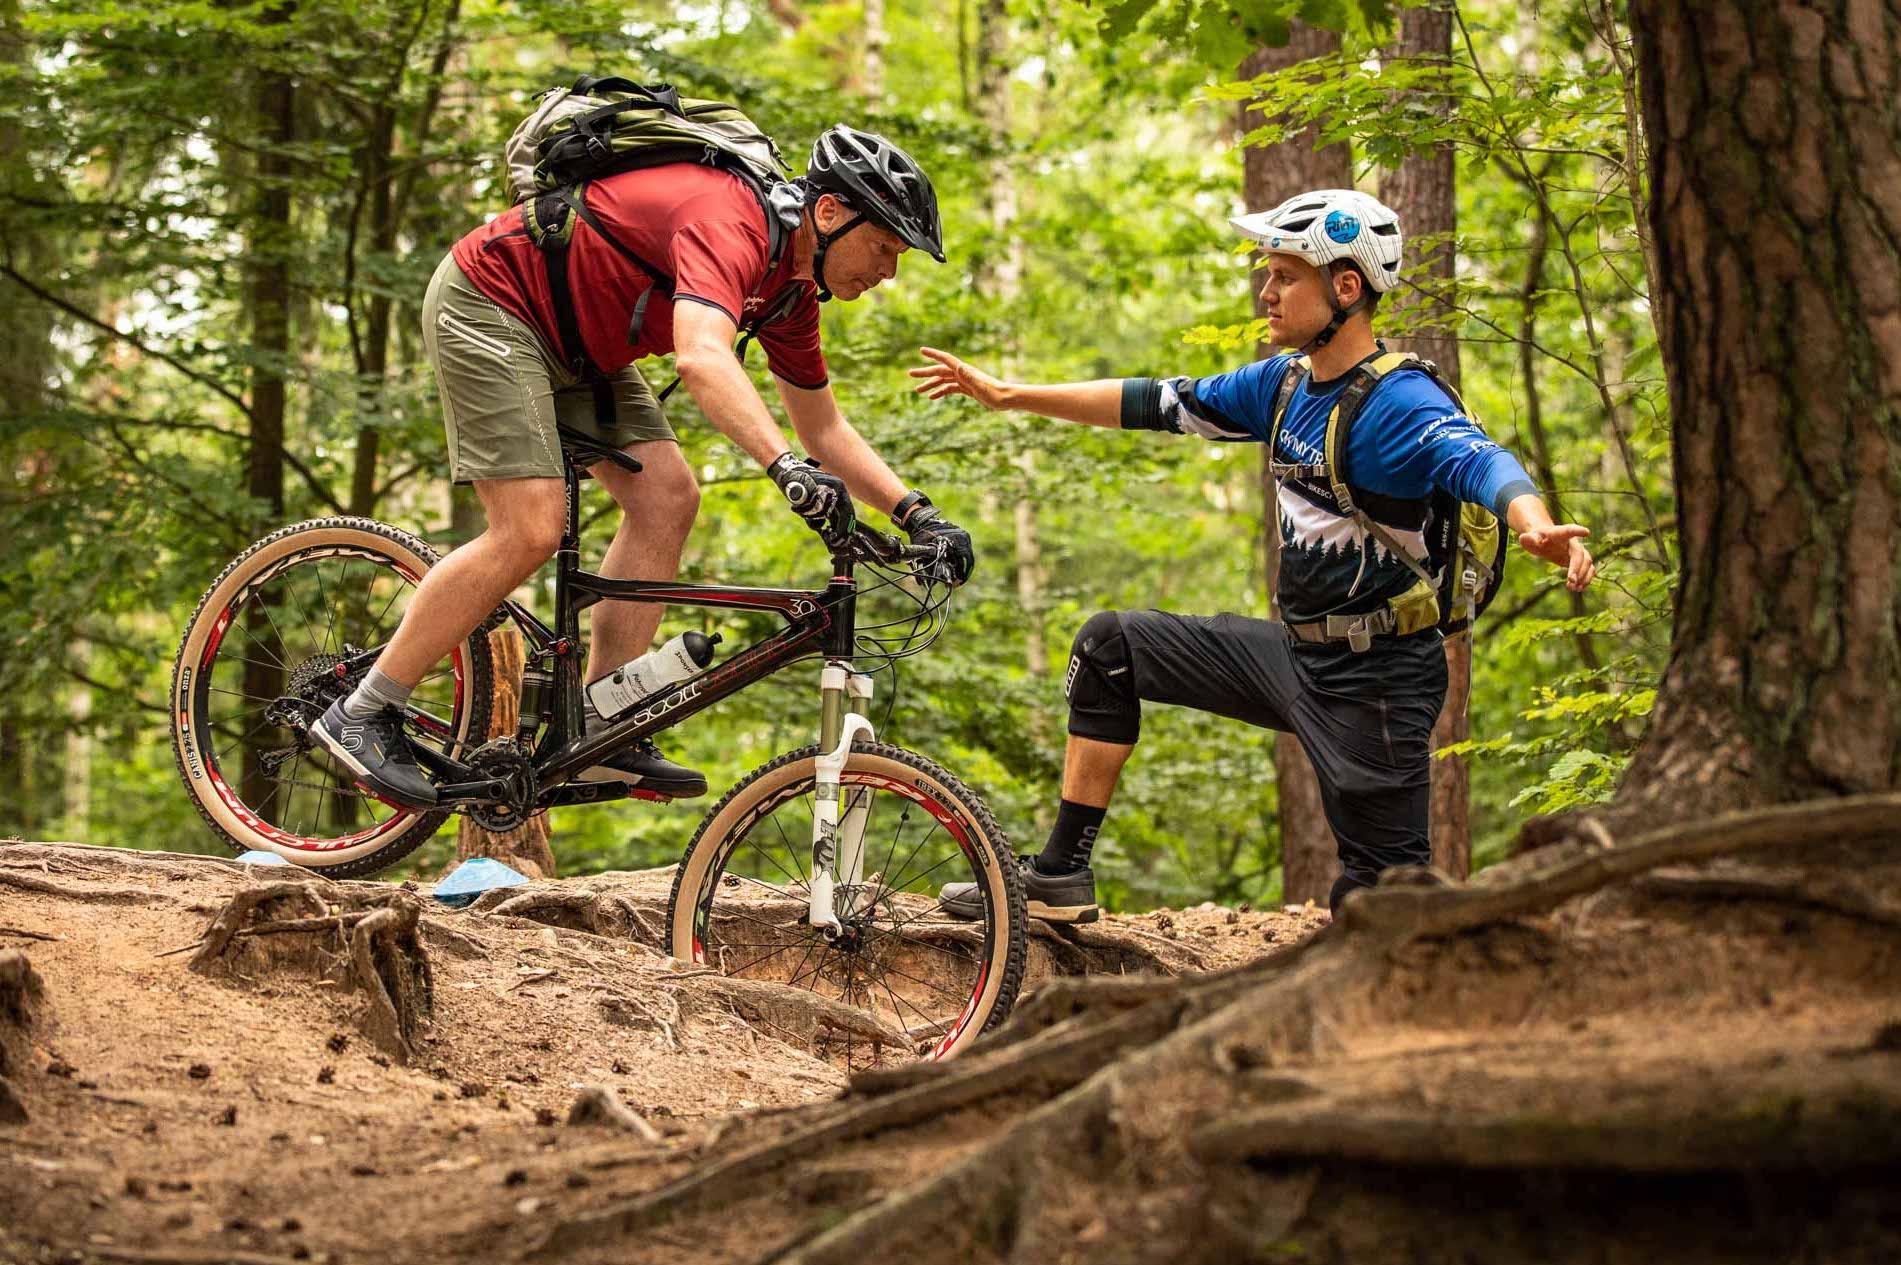 MTB Fahrtechnik Kurs für Einsteiger in Saarbrücken - Mountainbike Basic - Rock my Trail Bikeschule - 32